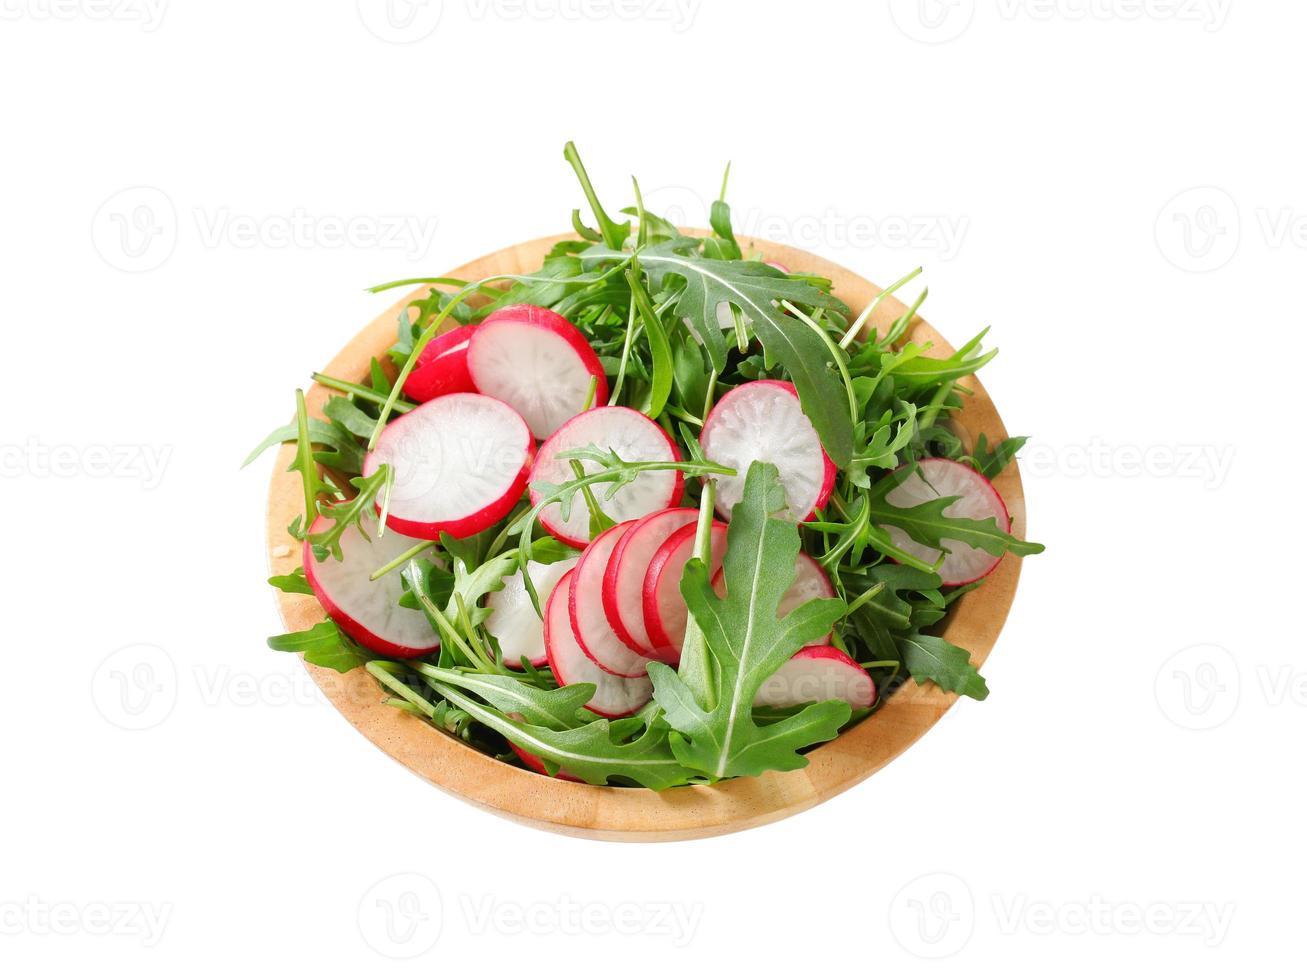 salade de radis en tranches photo